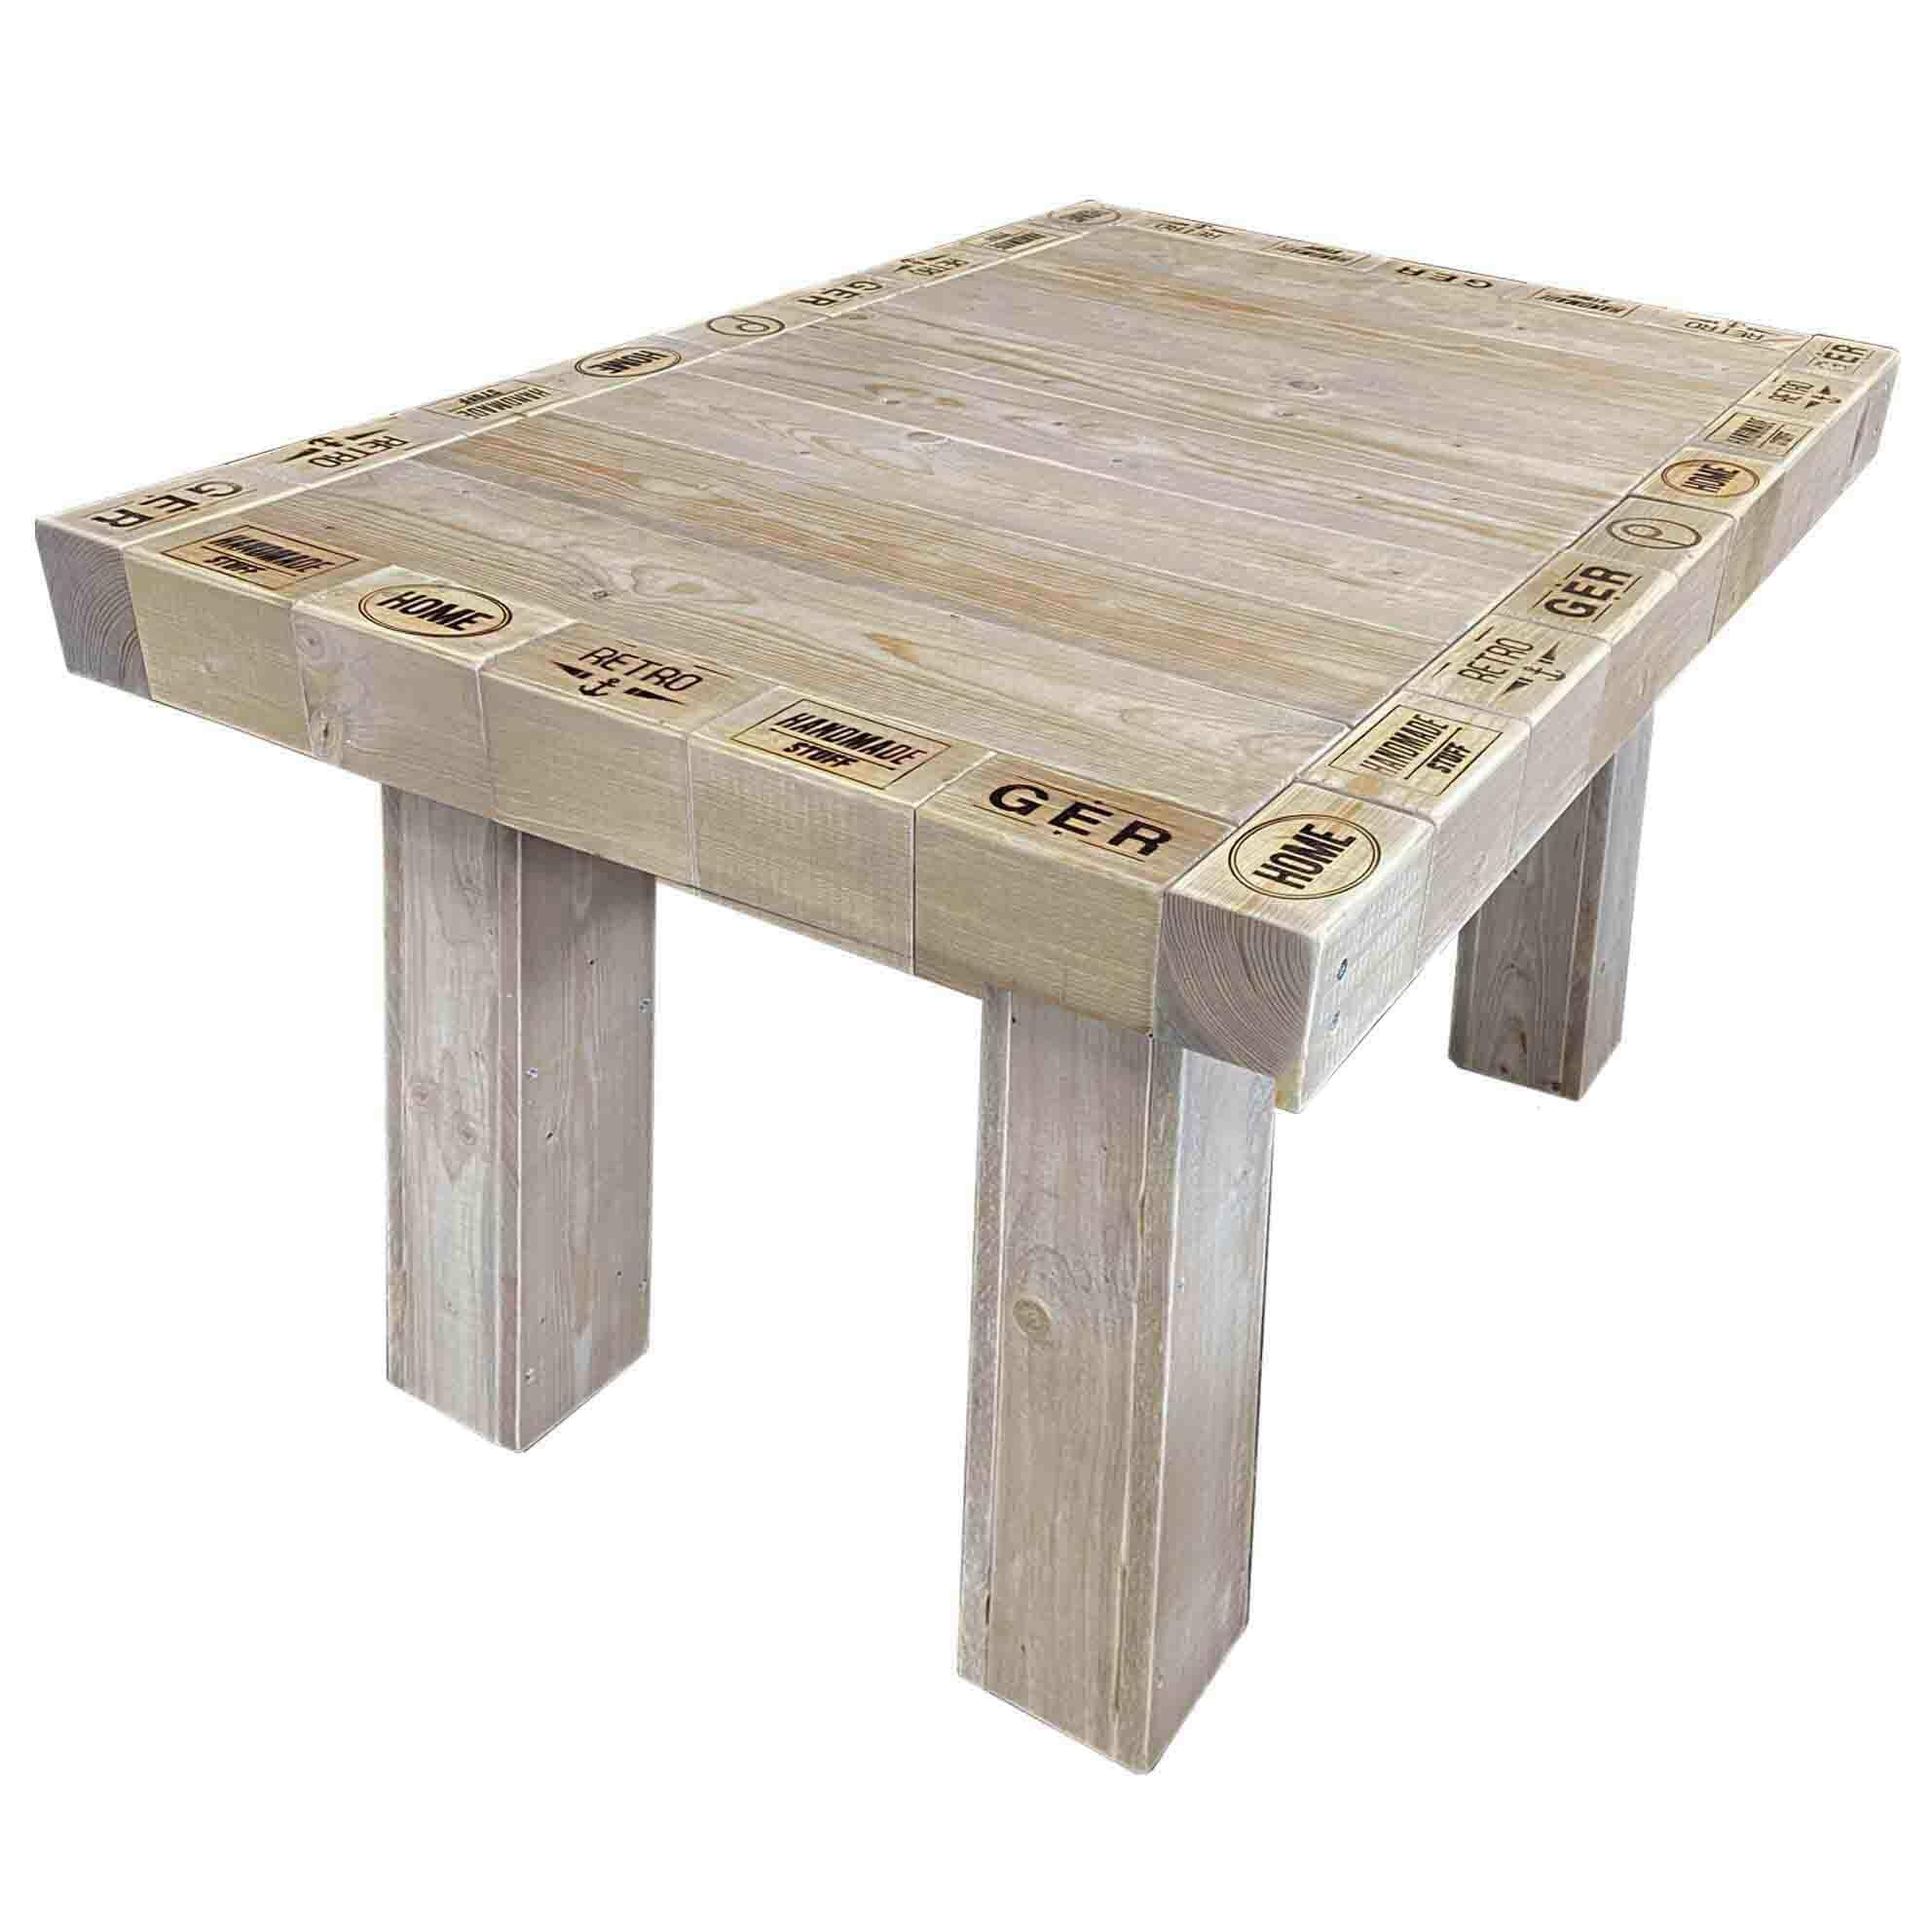 Atemberaubend Gartentisch - Esstisch aus Palettenholz | Palettenmöbel Shop #EC_87